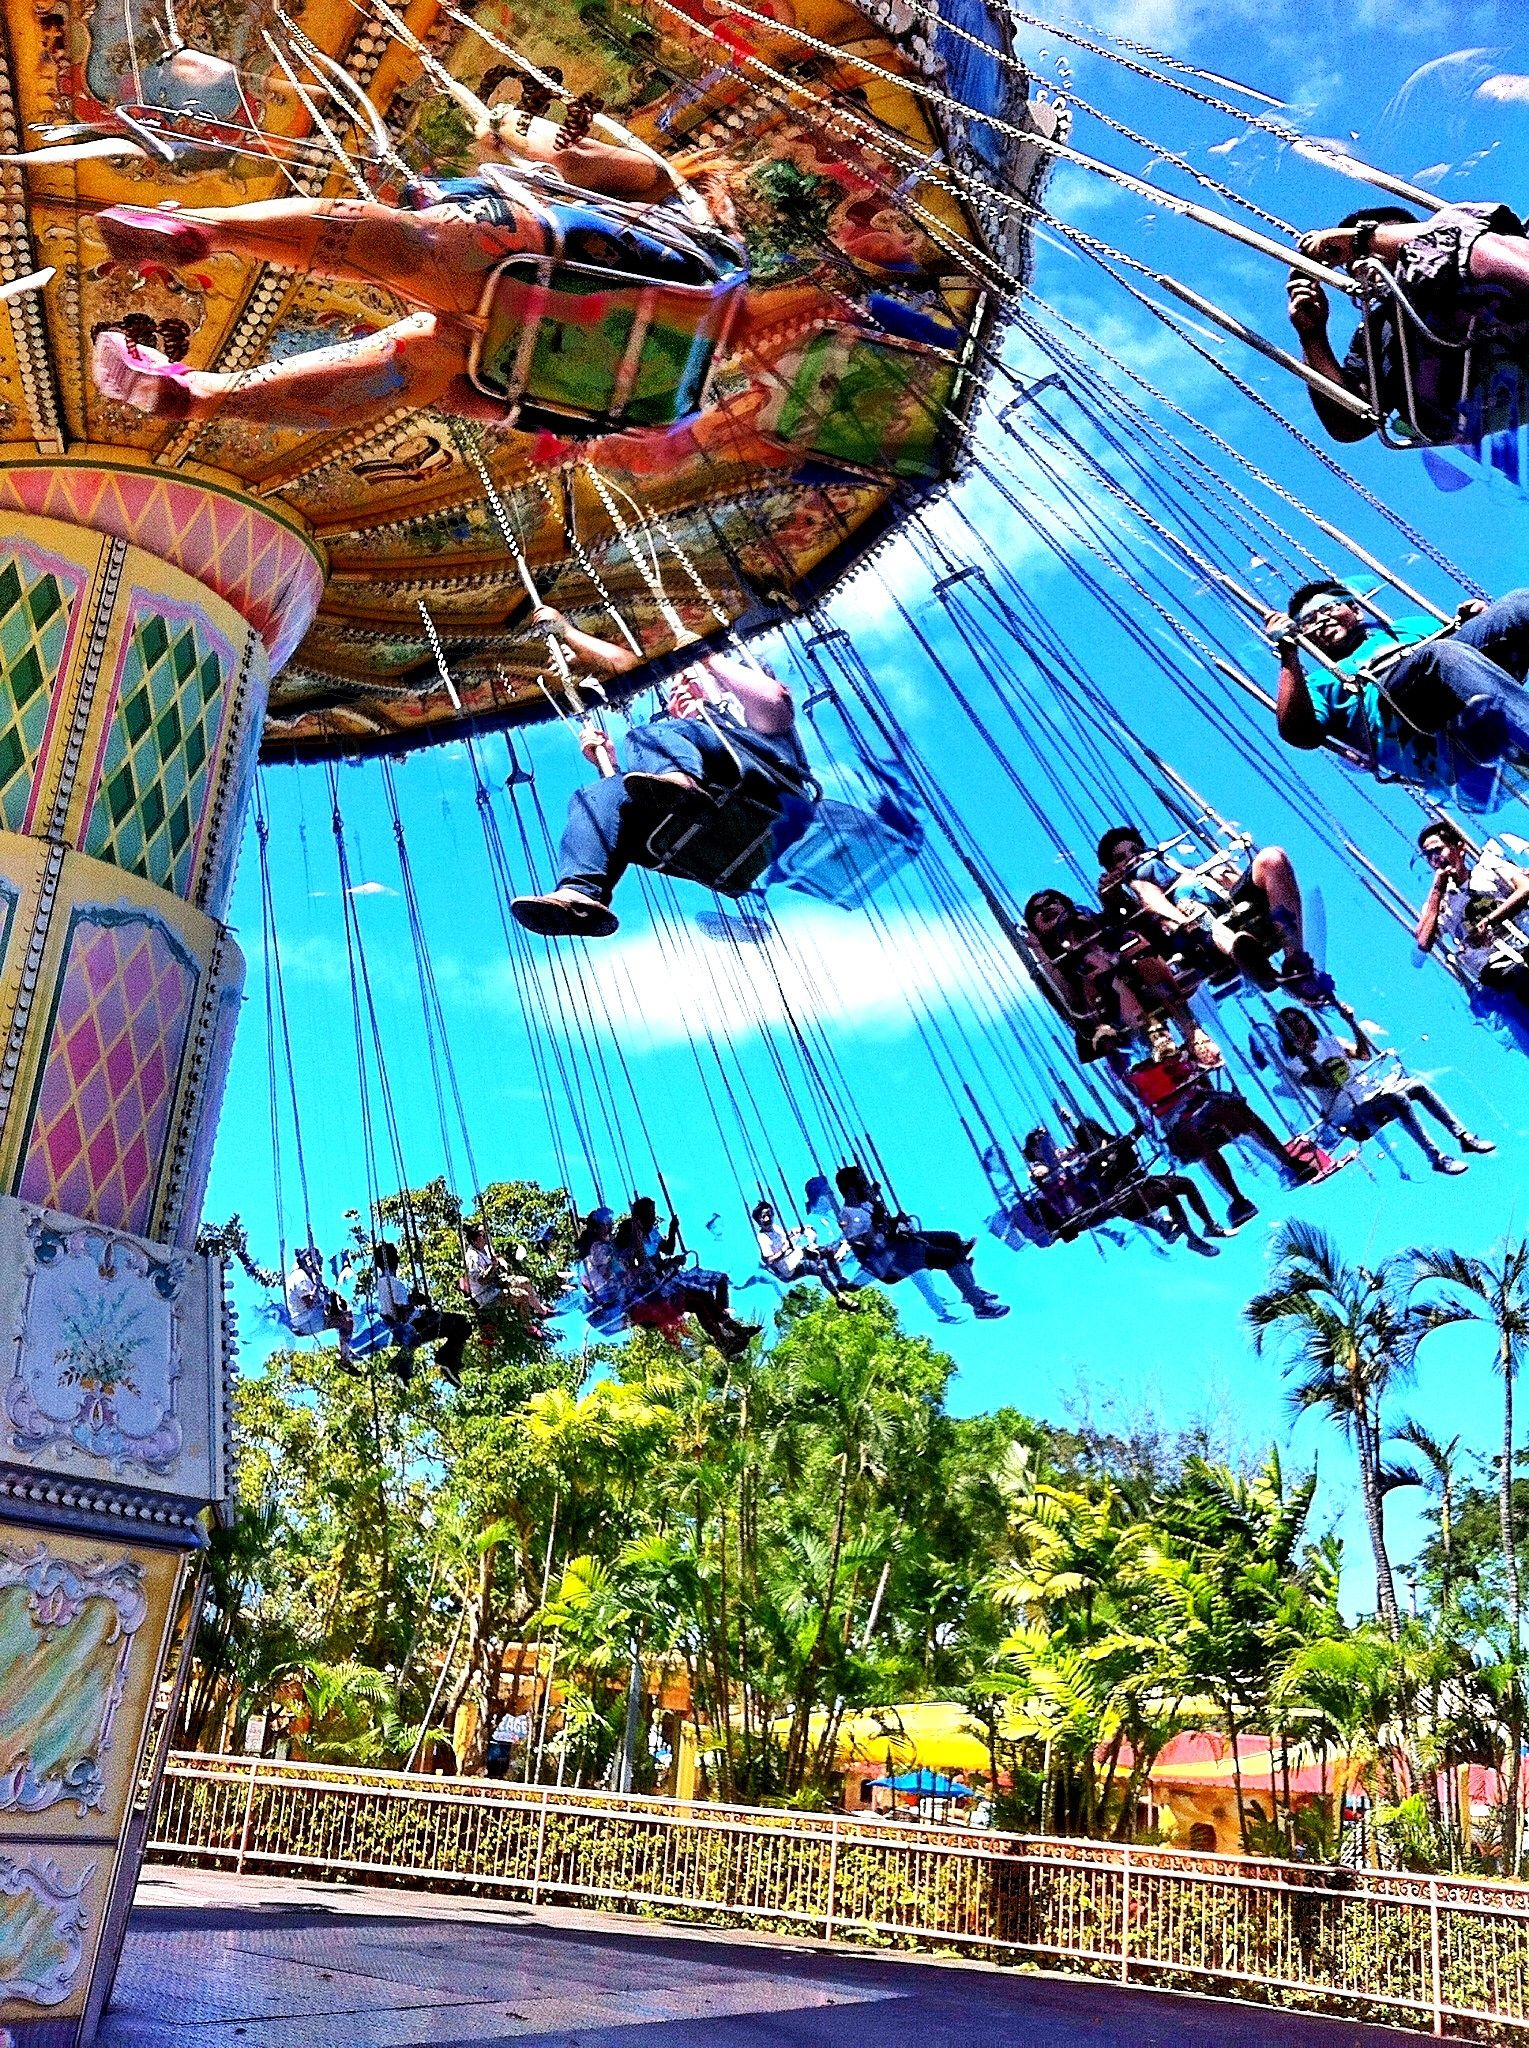 Fly As High As You Can Ph Ek Fun Fair Theme Park Holland